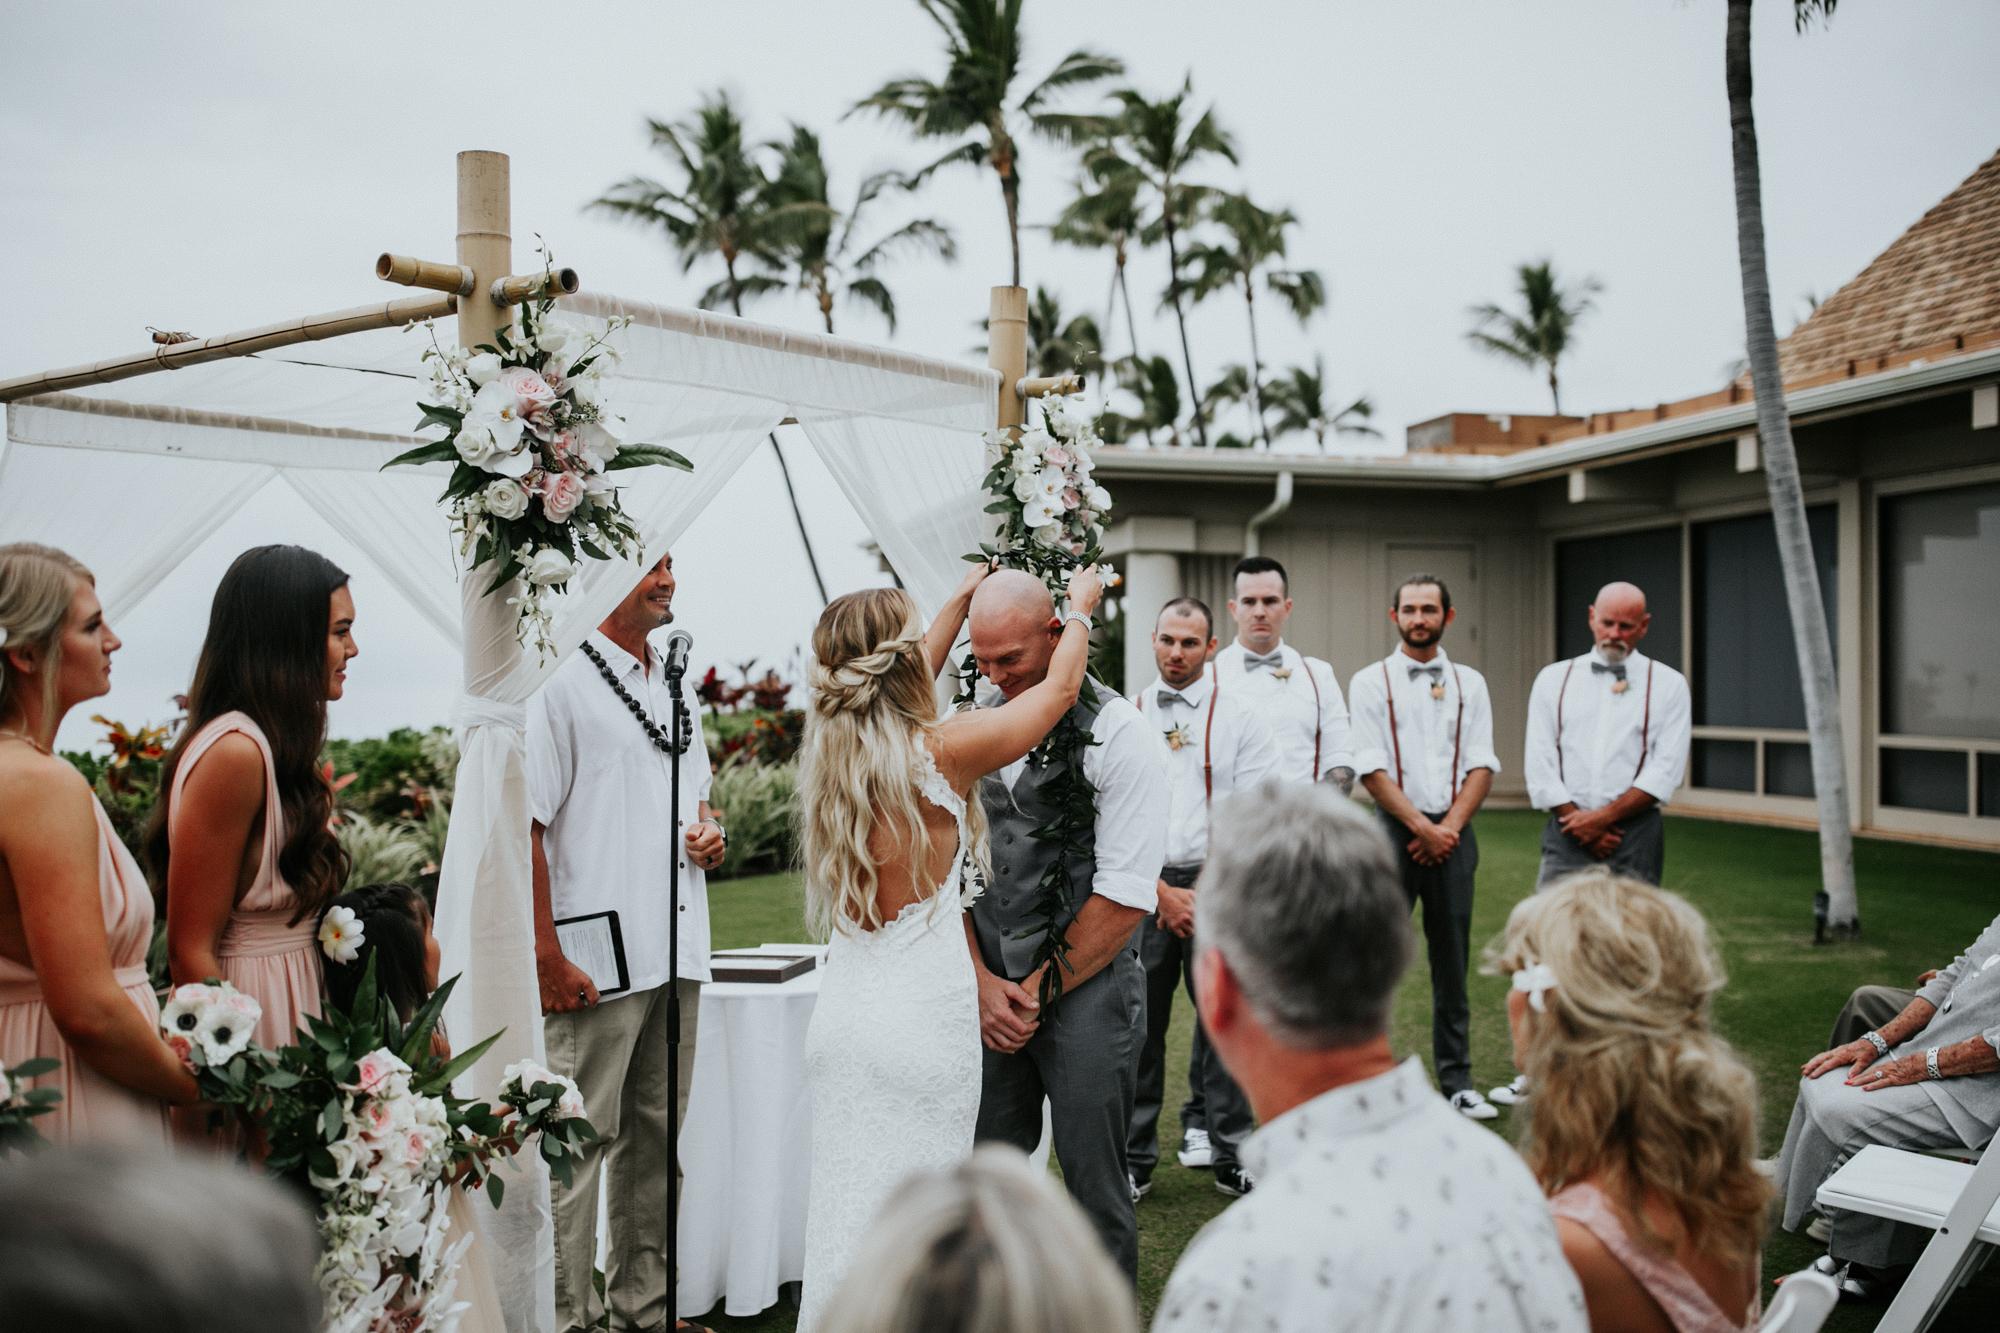 destination-wedding-photographer-hawaii-maui-elopement-73.jpg